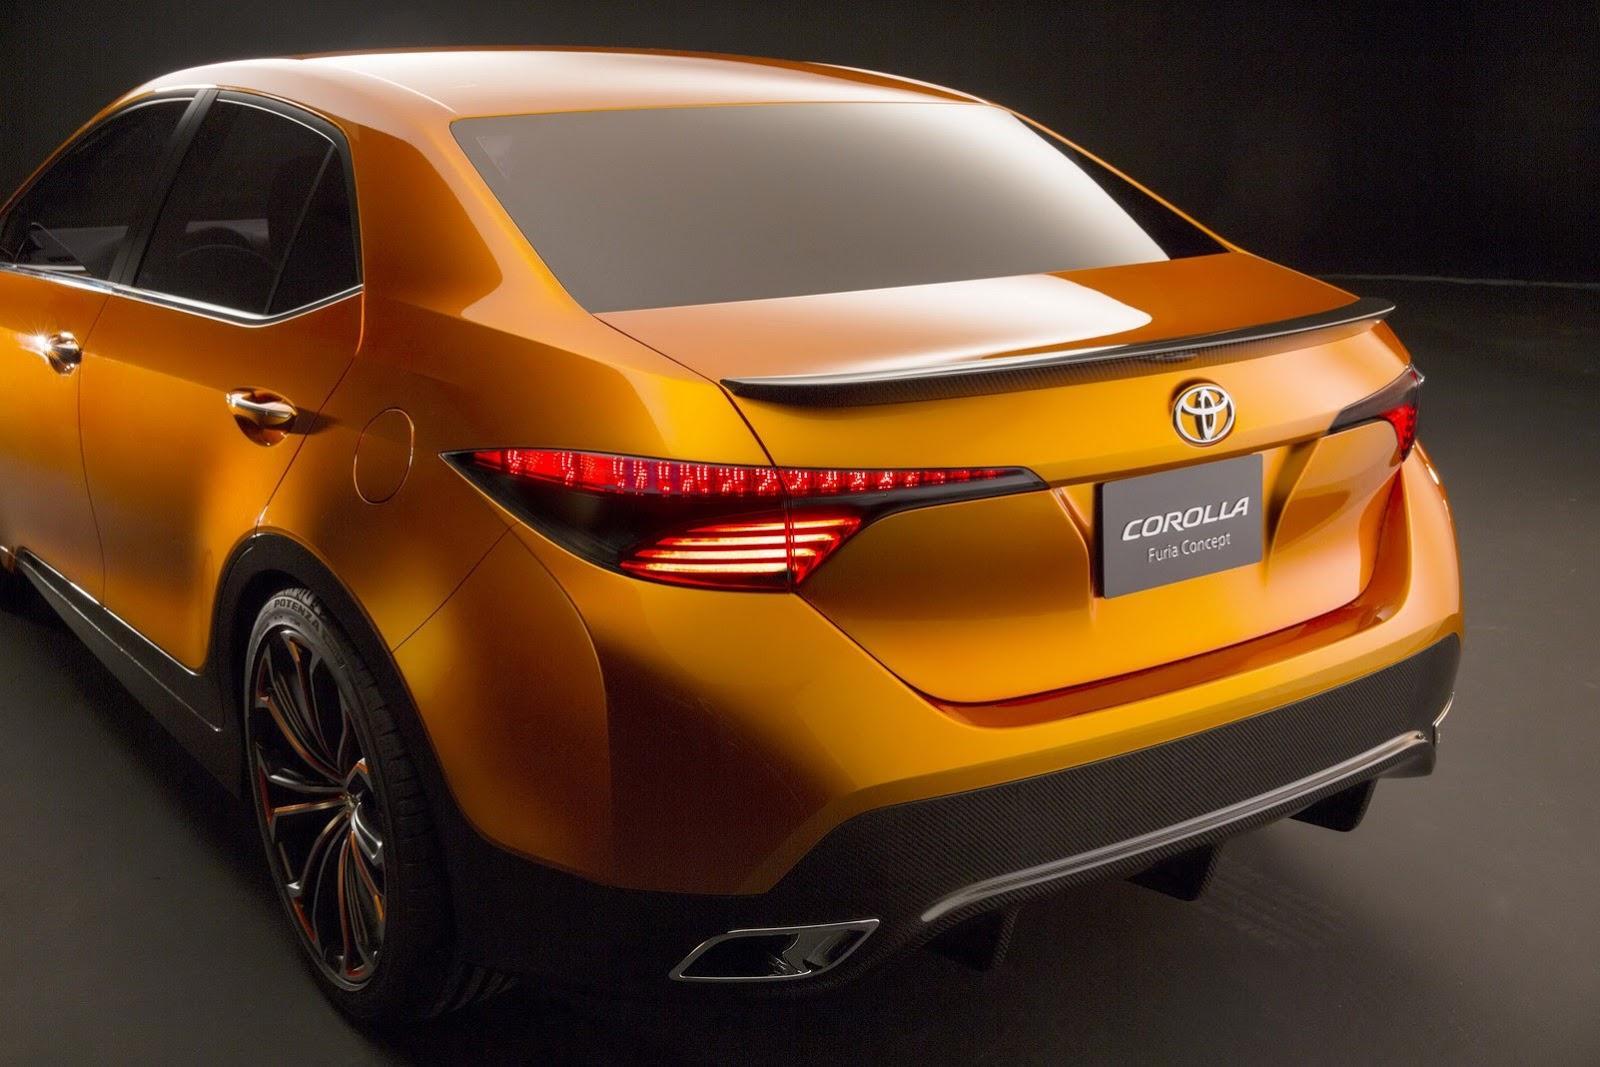 Toyota Corolla Furia concept rear diffuser